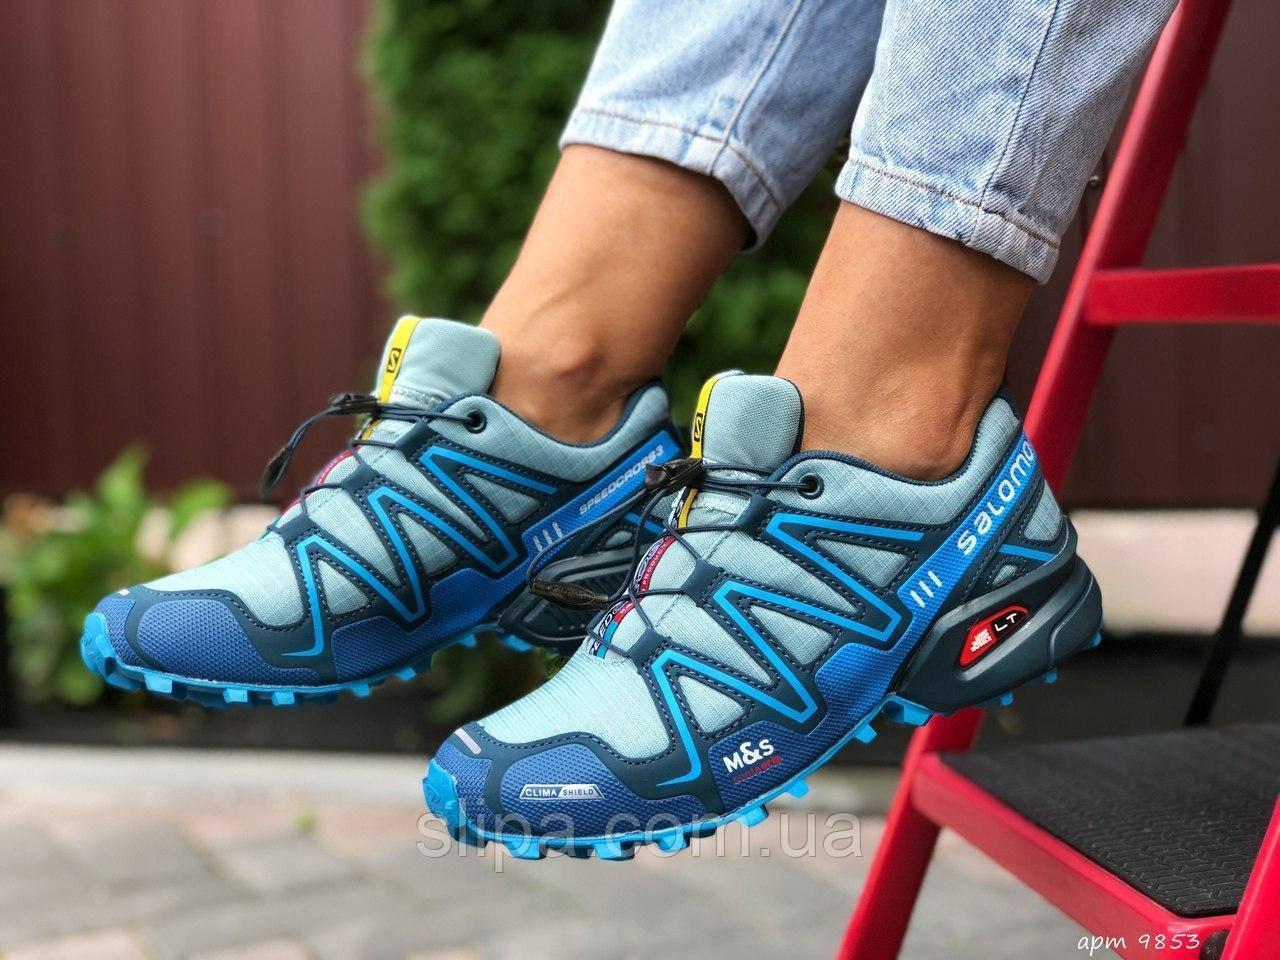 Женские кроссовки Salomon Speedcross 3 голубые с синим